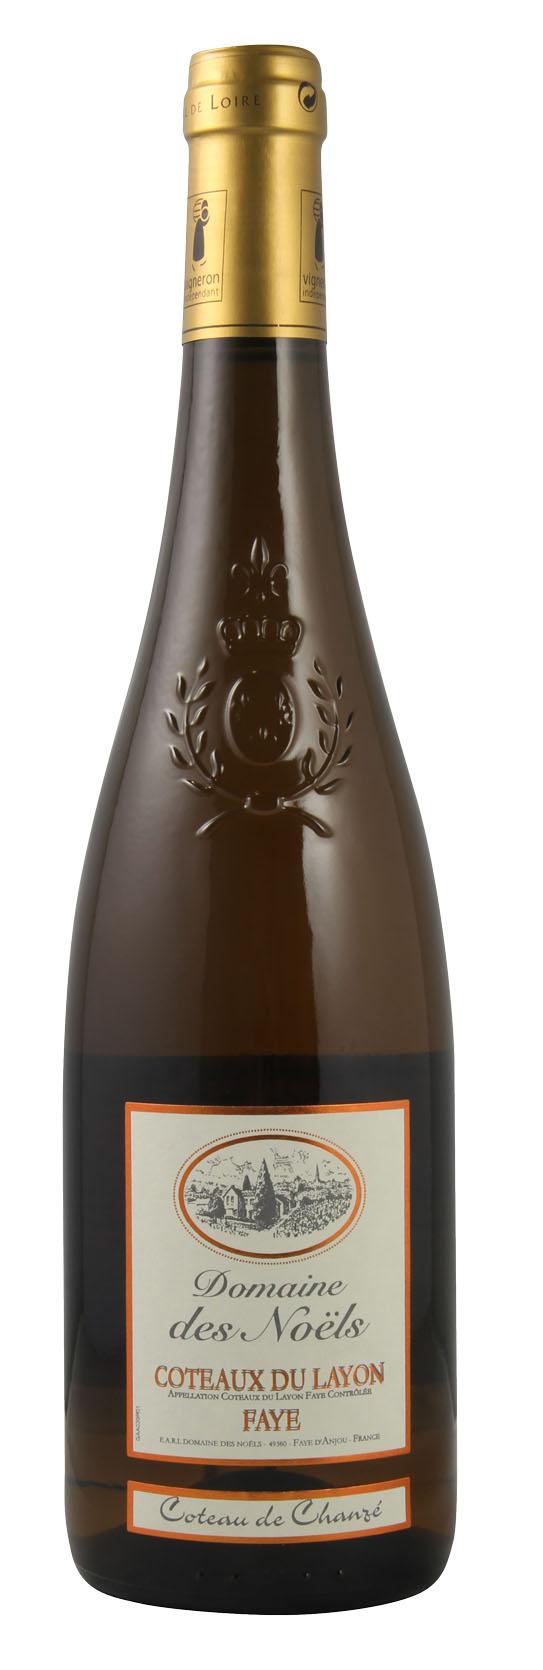 Vin doux Coteau du Layon Faye 2014